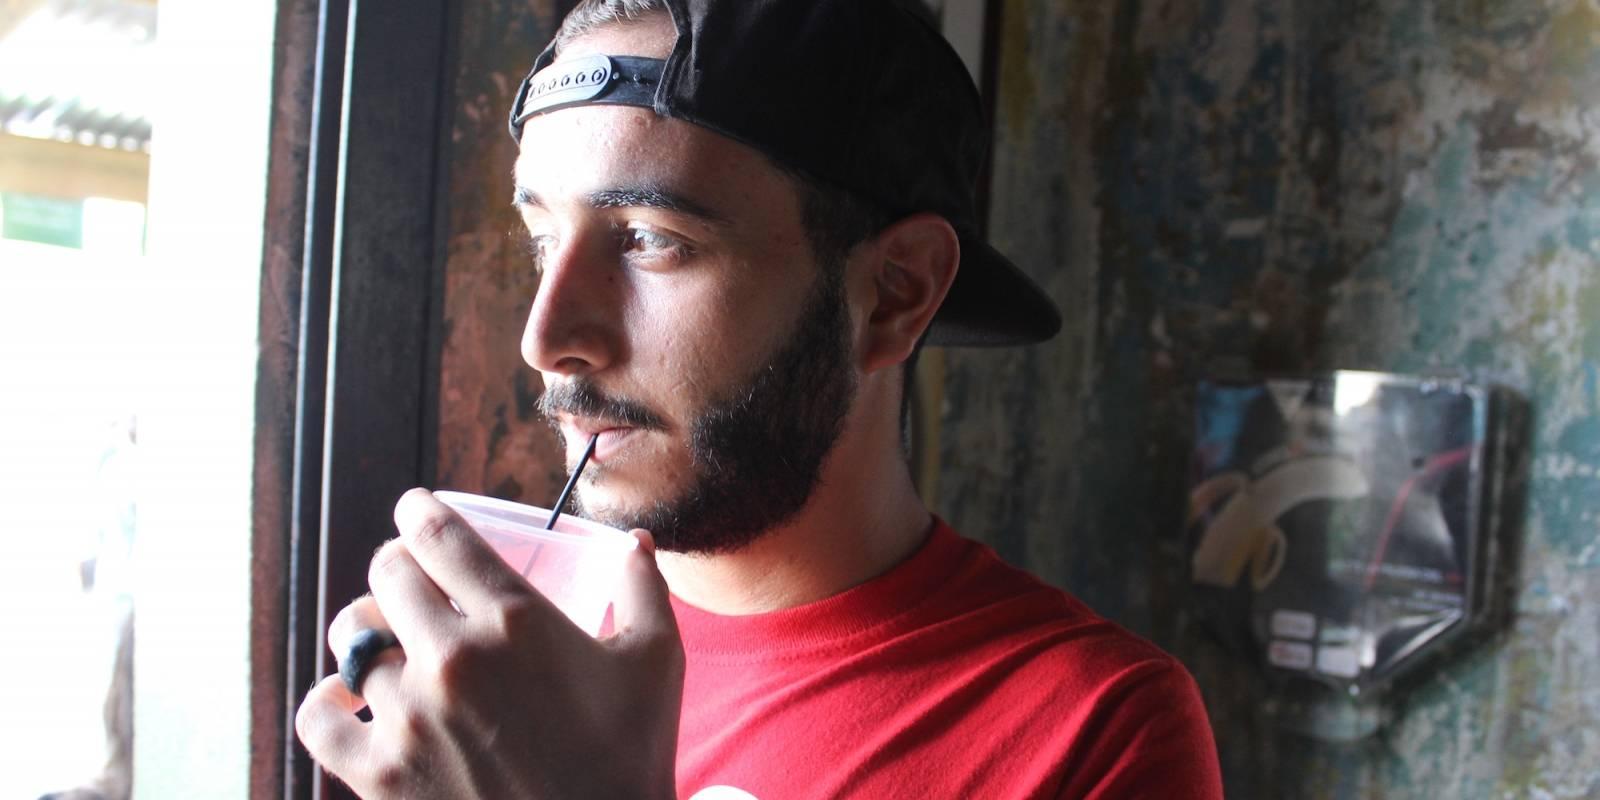 Bryan Vargas disfrutaba ayer de un trago, luego de la eliminación de la Ley Seca. / Foto: Miguel Dejesús